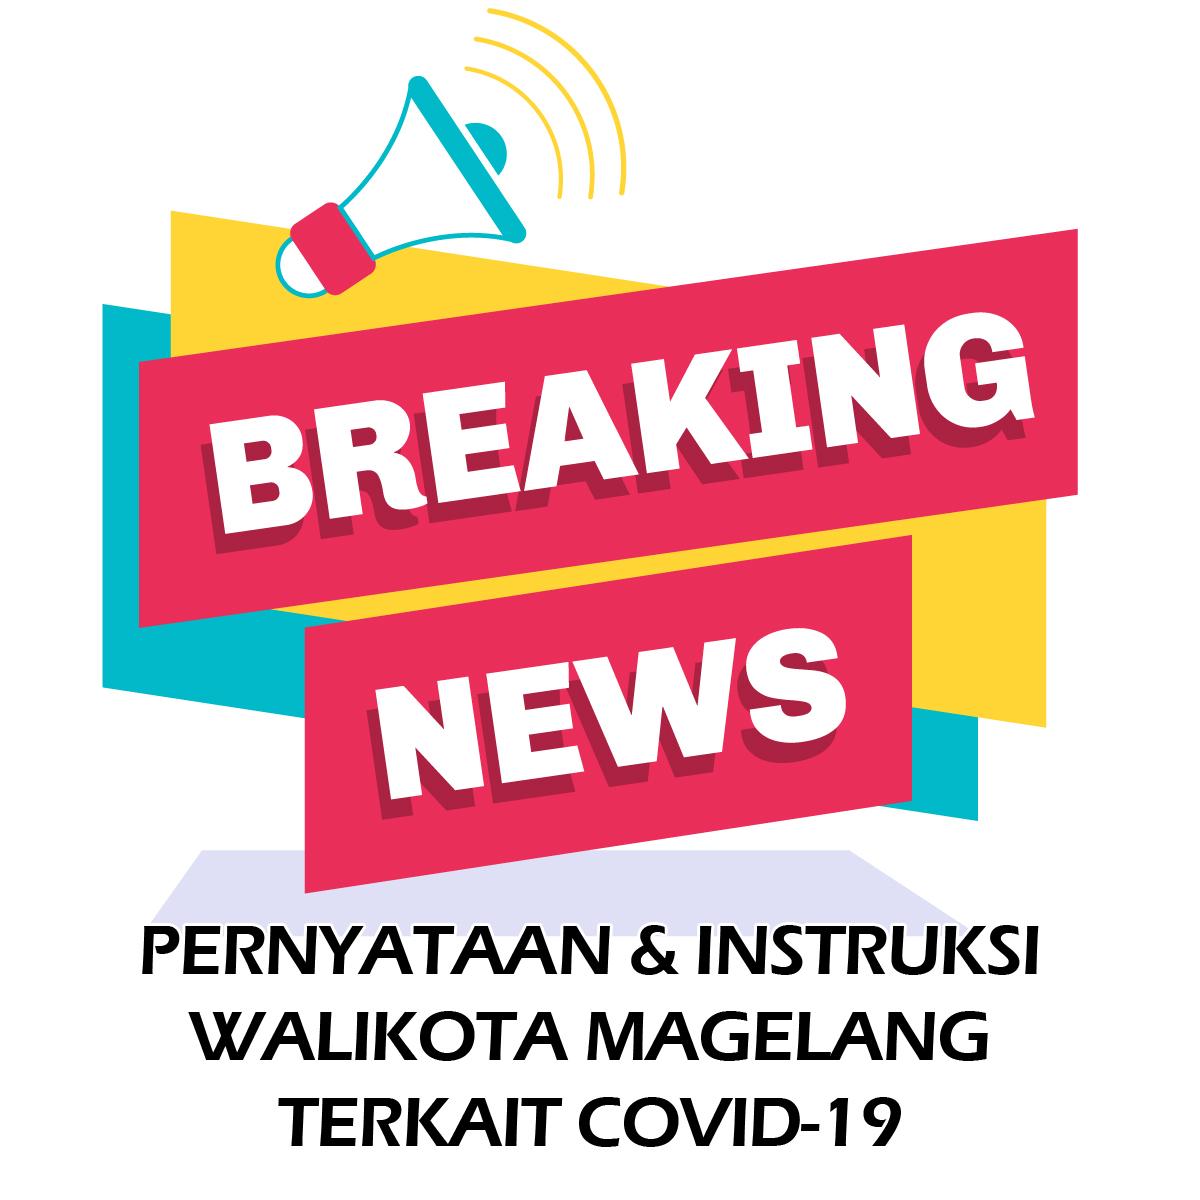 PERNYATAAN & INSTRUKSI WALIKOTA MAGELANG TERKAIT COVID-19